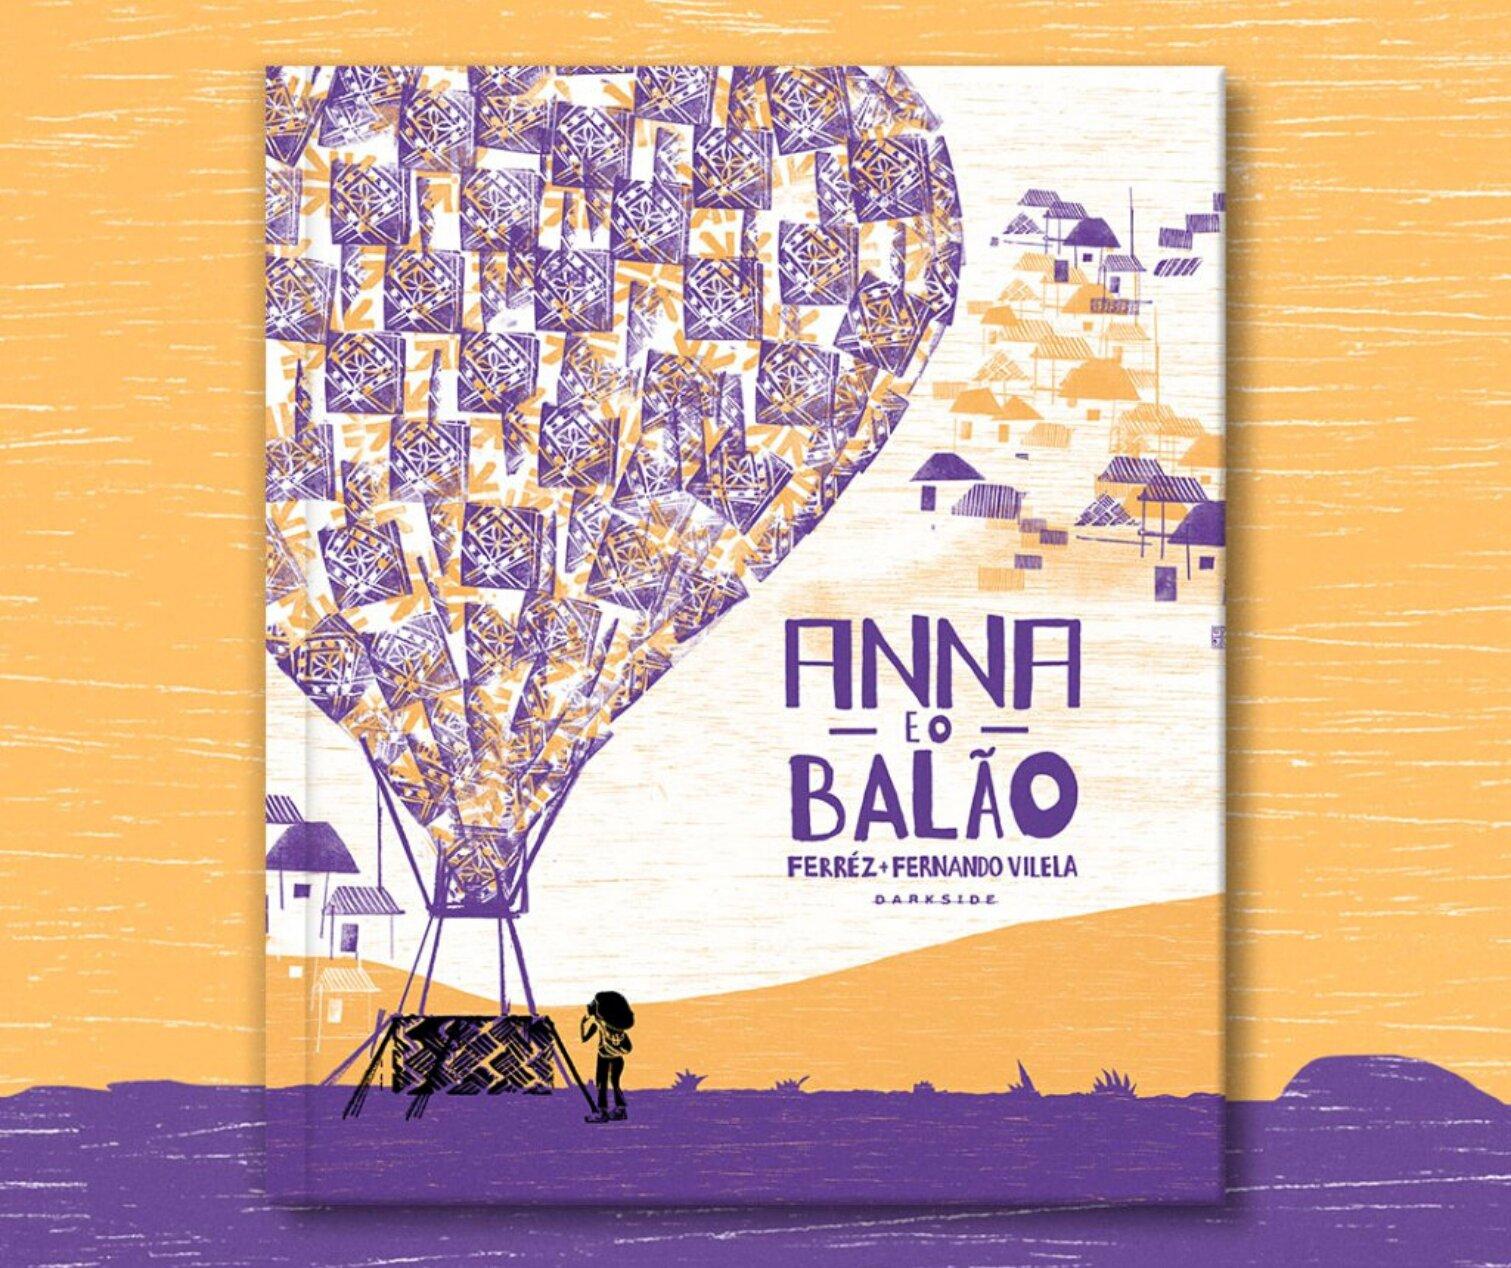 Resenha: Anna e o Balão, de Ferréz e Fernando Vilela